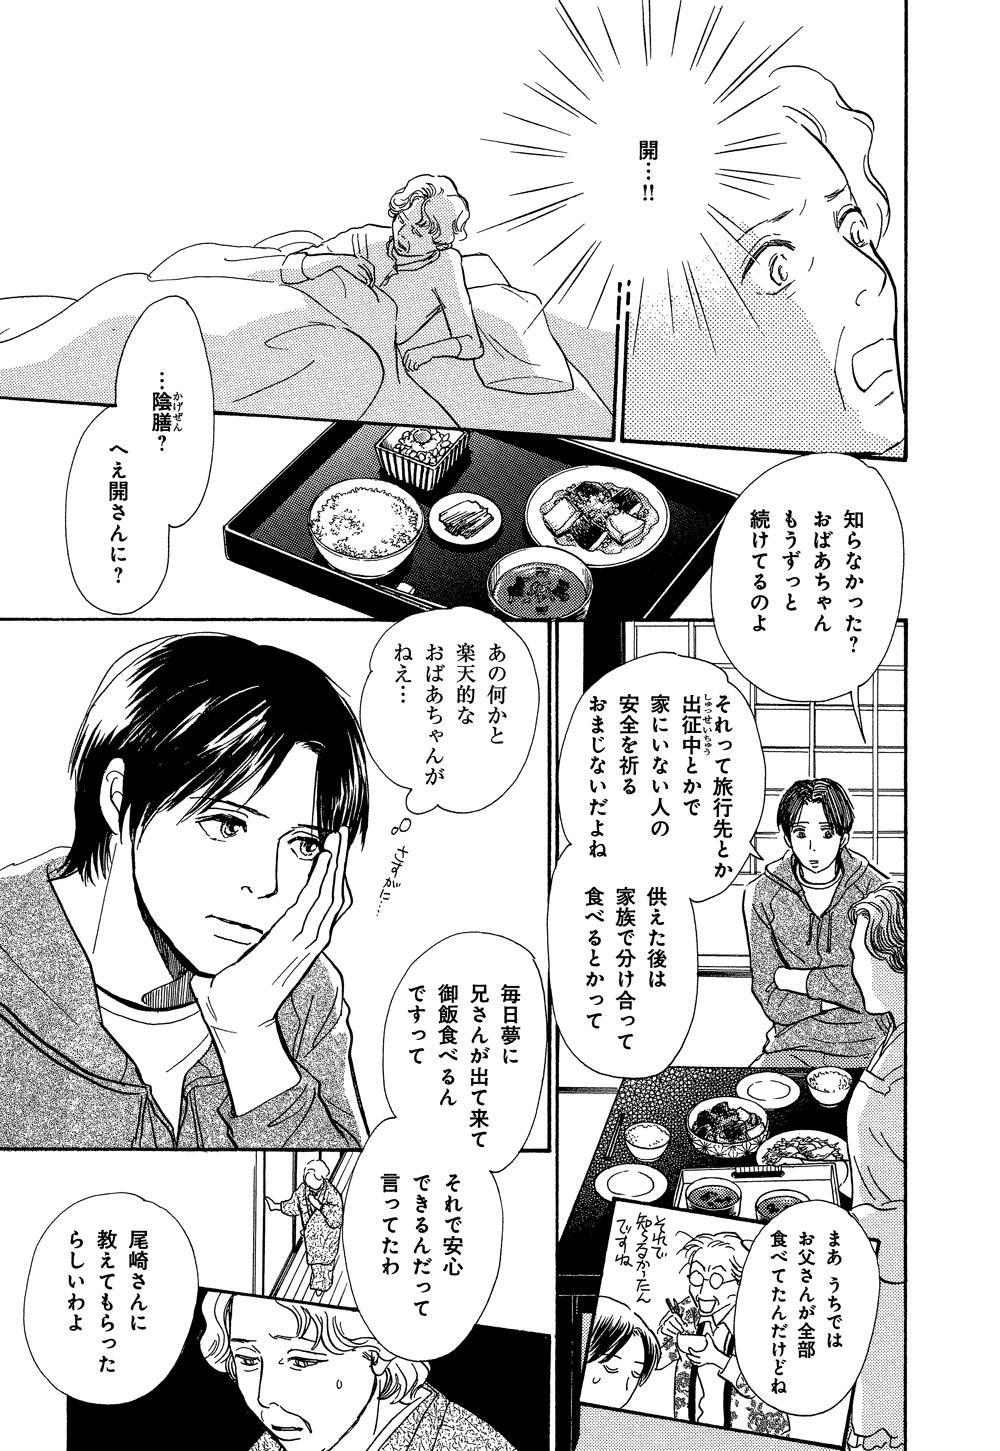 hyakki_0021_0015.jpg